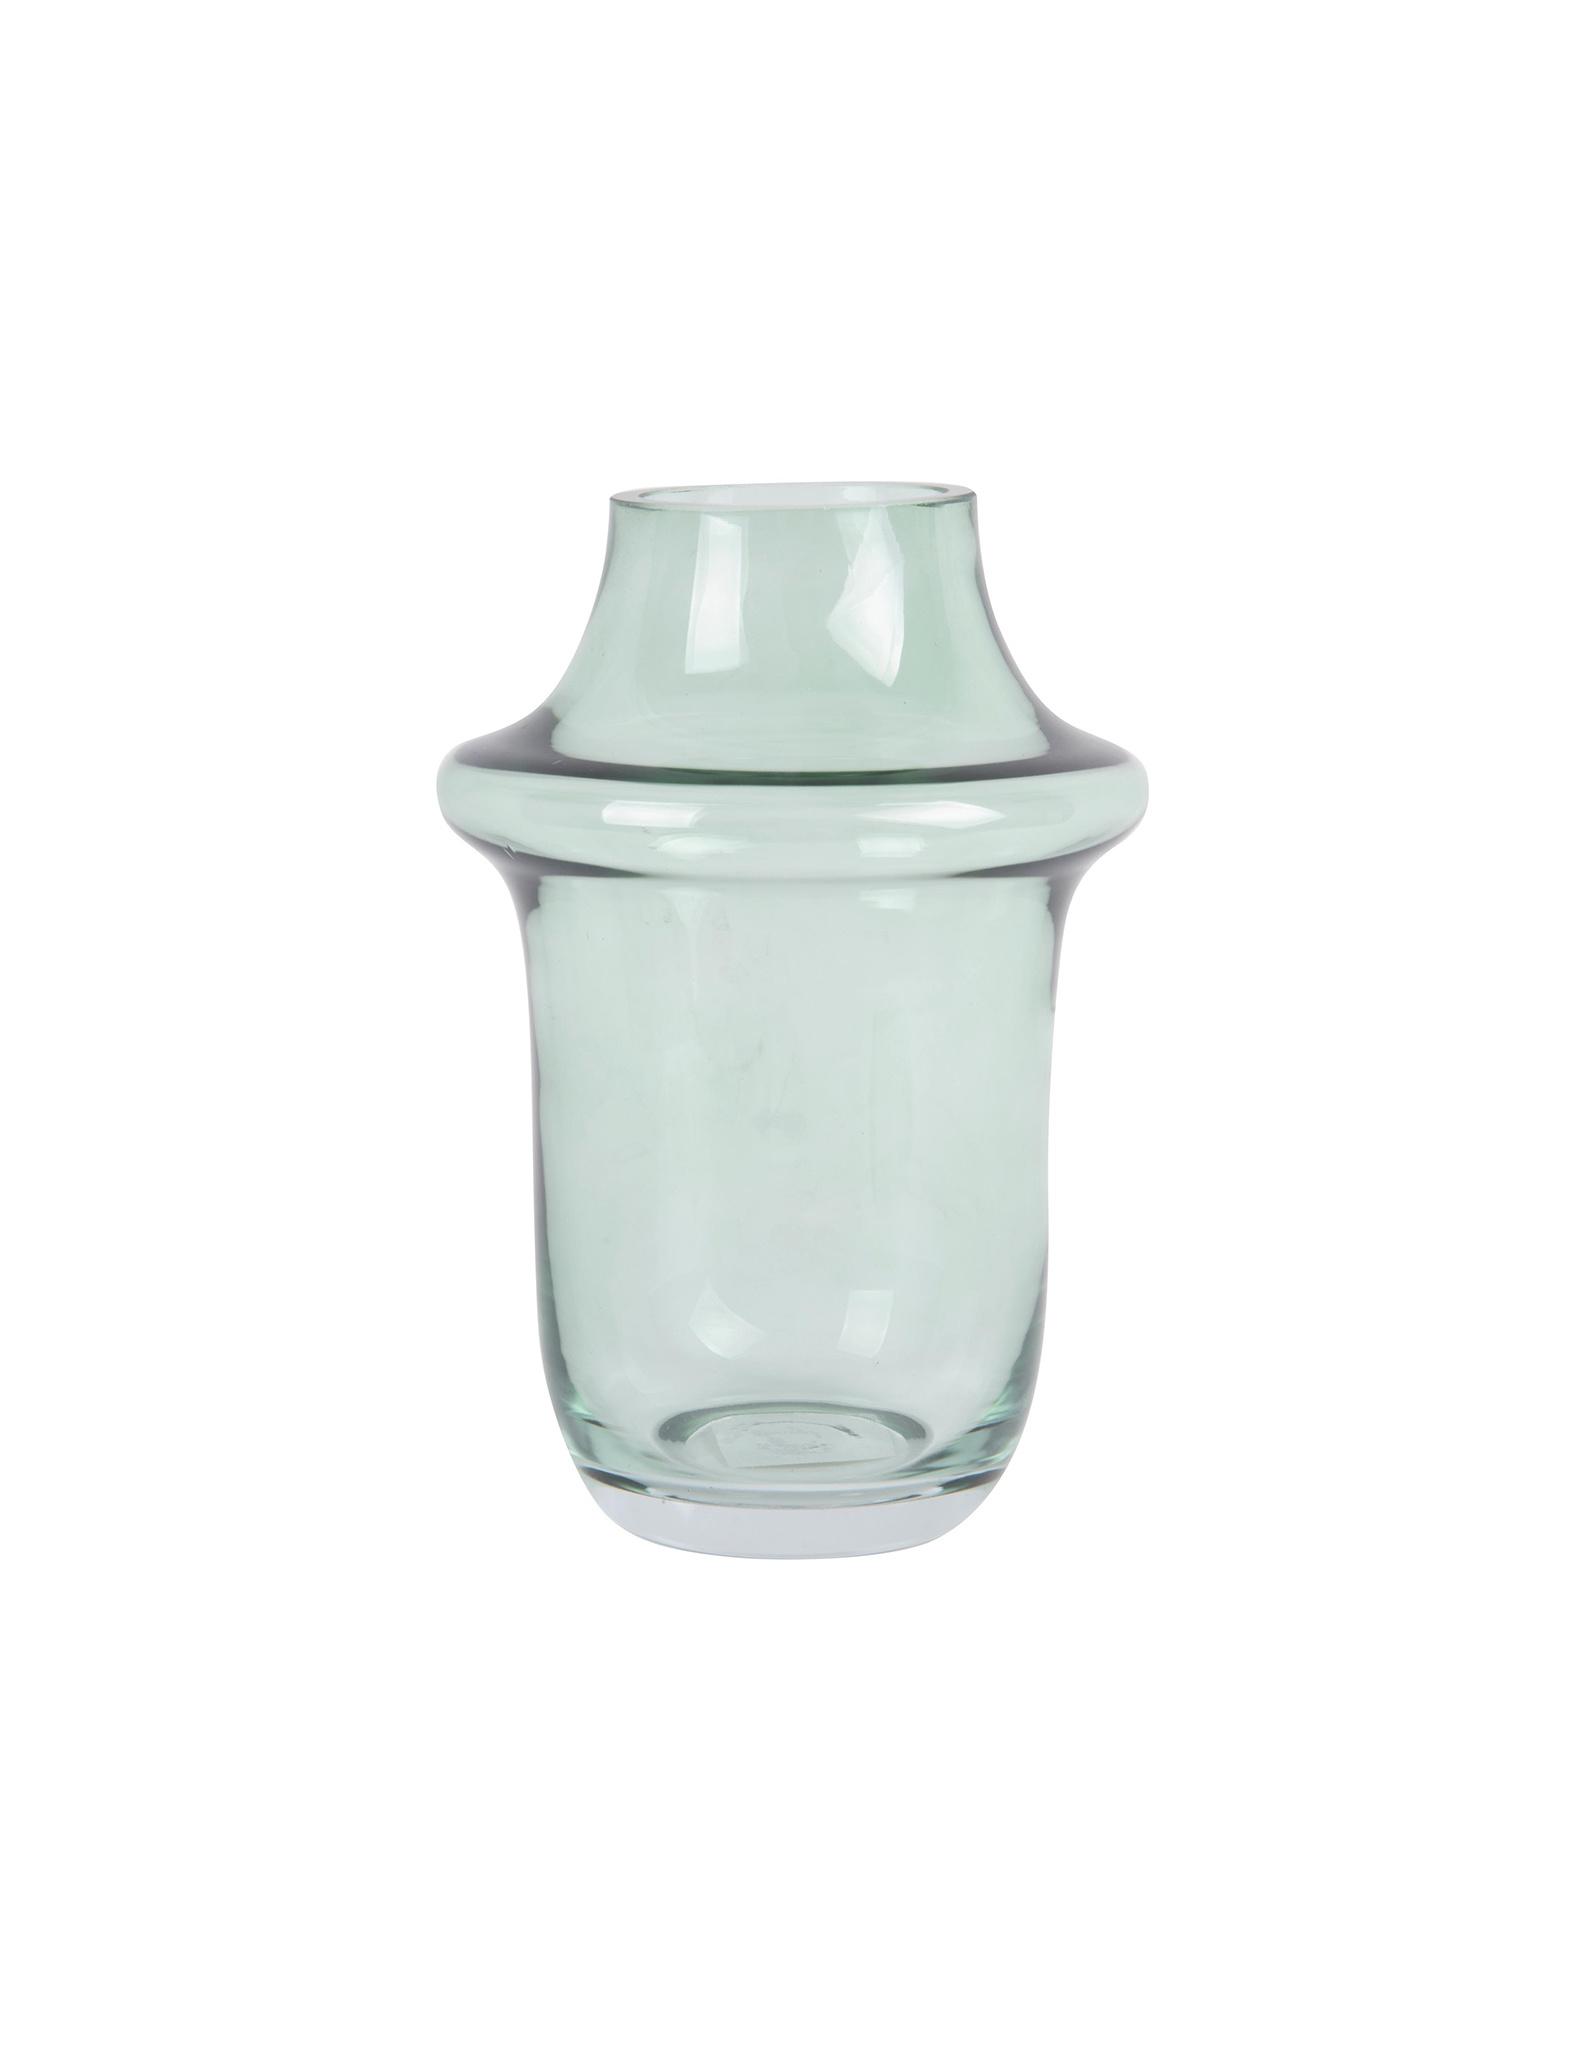 Groene glazen vaas van Present Time